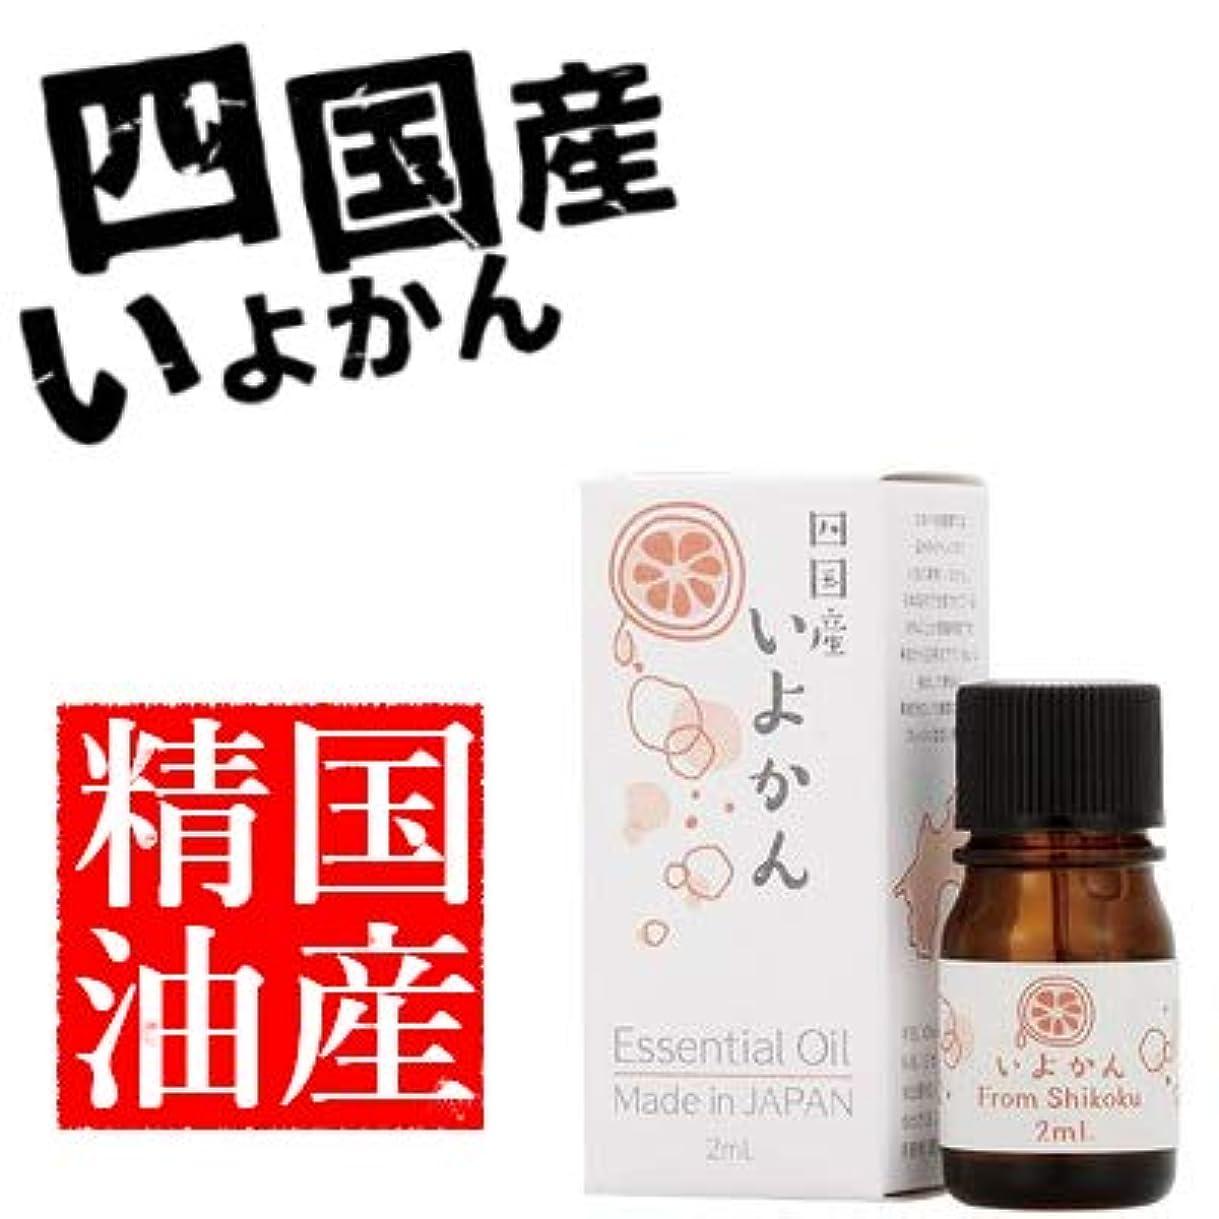 ベテランスポーツの試合を担当している人多くの危険がある状況日本の香りシリーズ エッセンシャルオイル 国産精油 (いよかん)